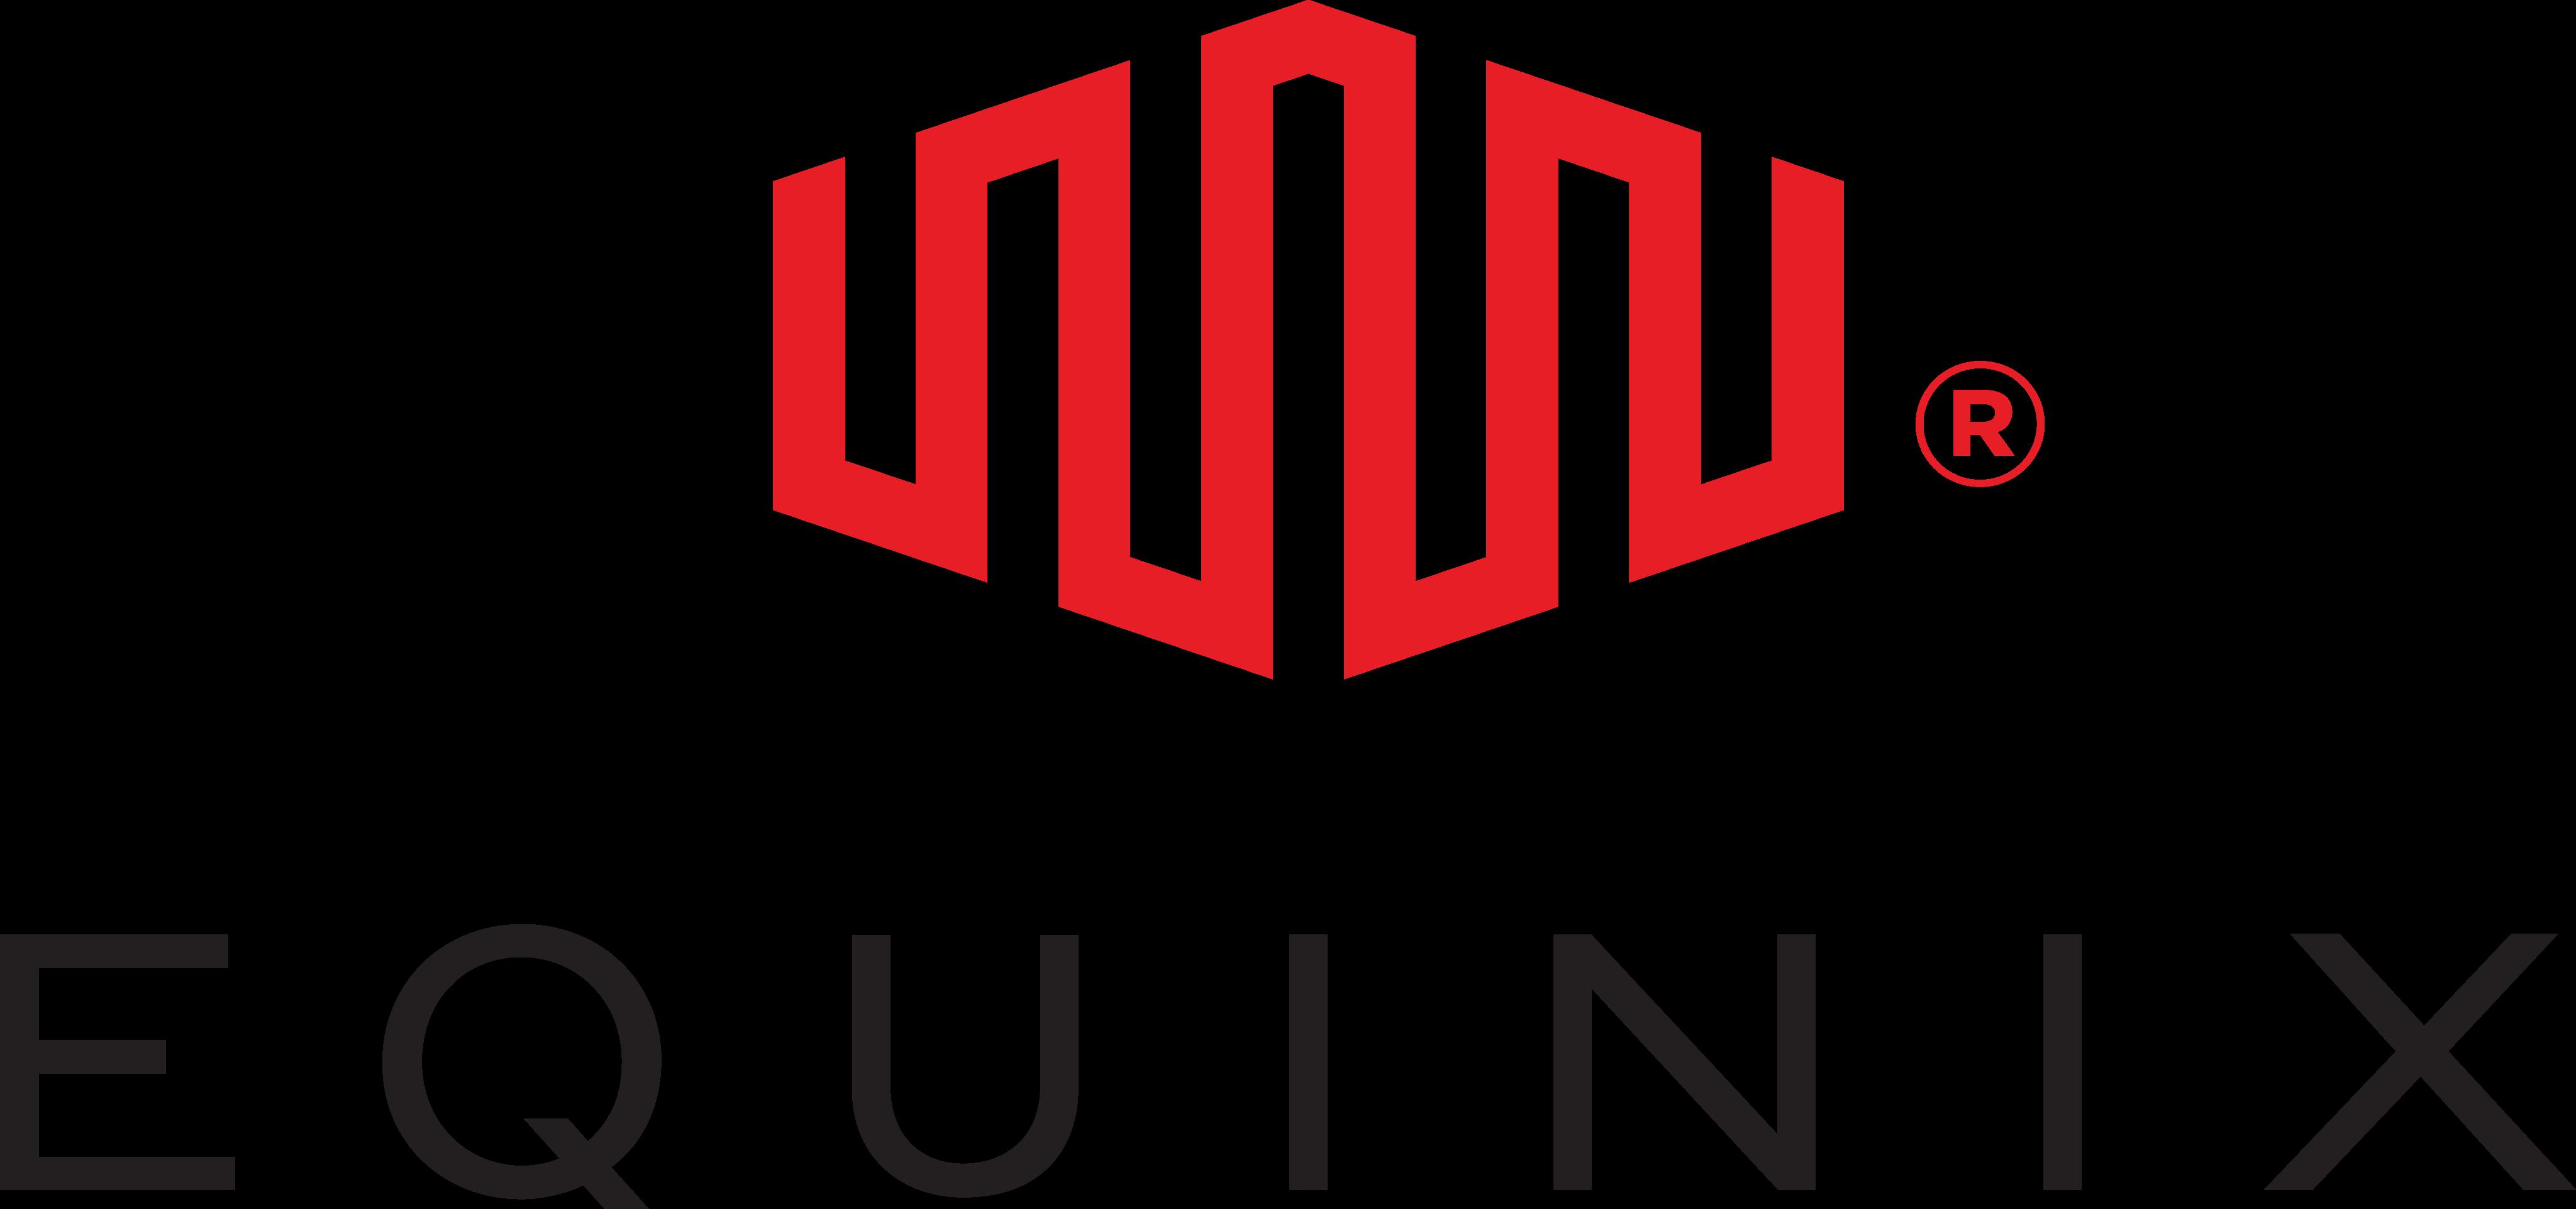 equinix logo 1 - Equinix Logo